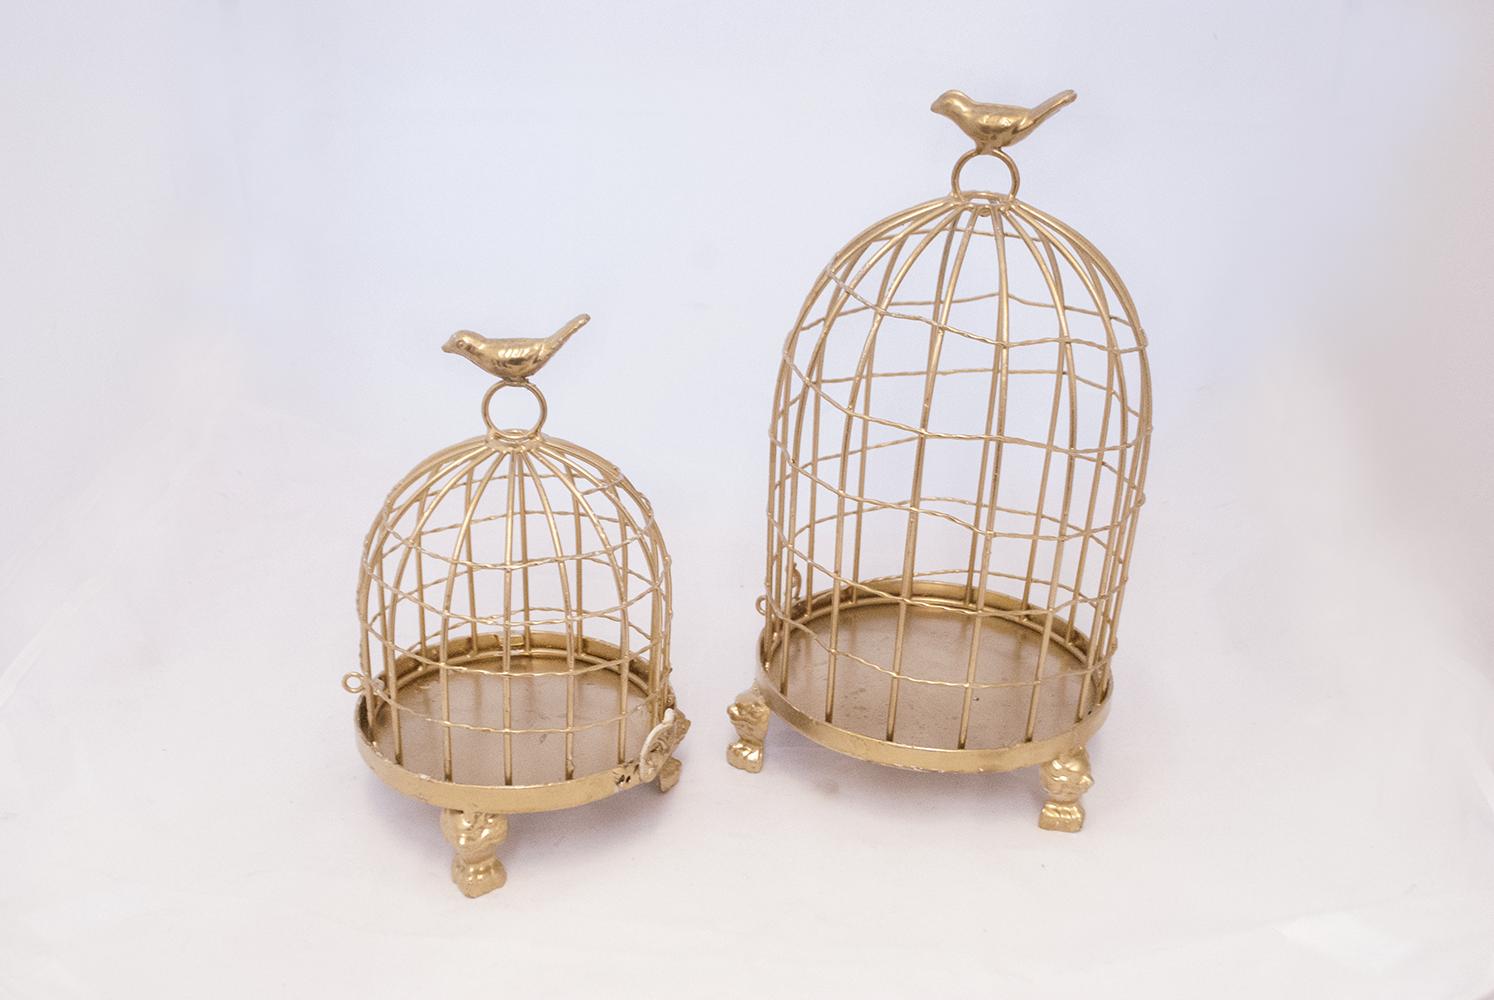 GOLD BIRDCAGES (SMALL + MEDIUM)   QUANTITY: (SMALL - 2) (MEDIUM - 2)  PRICE: $13.00 - $15.00